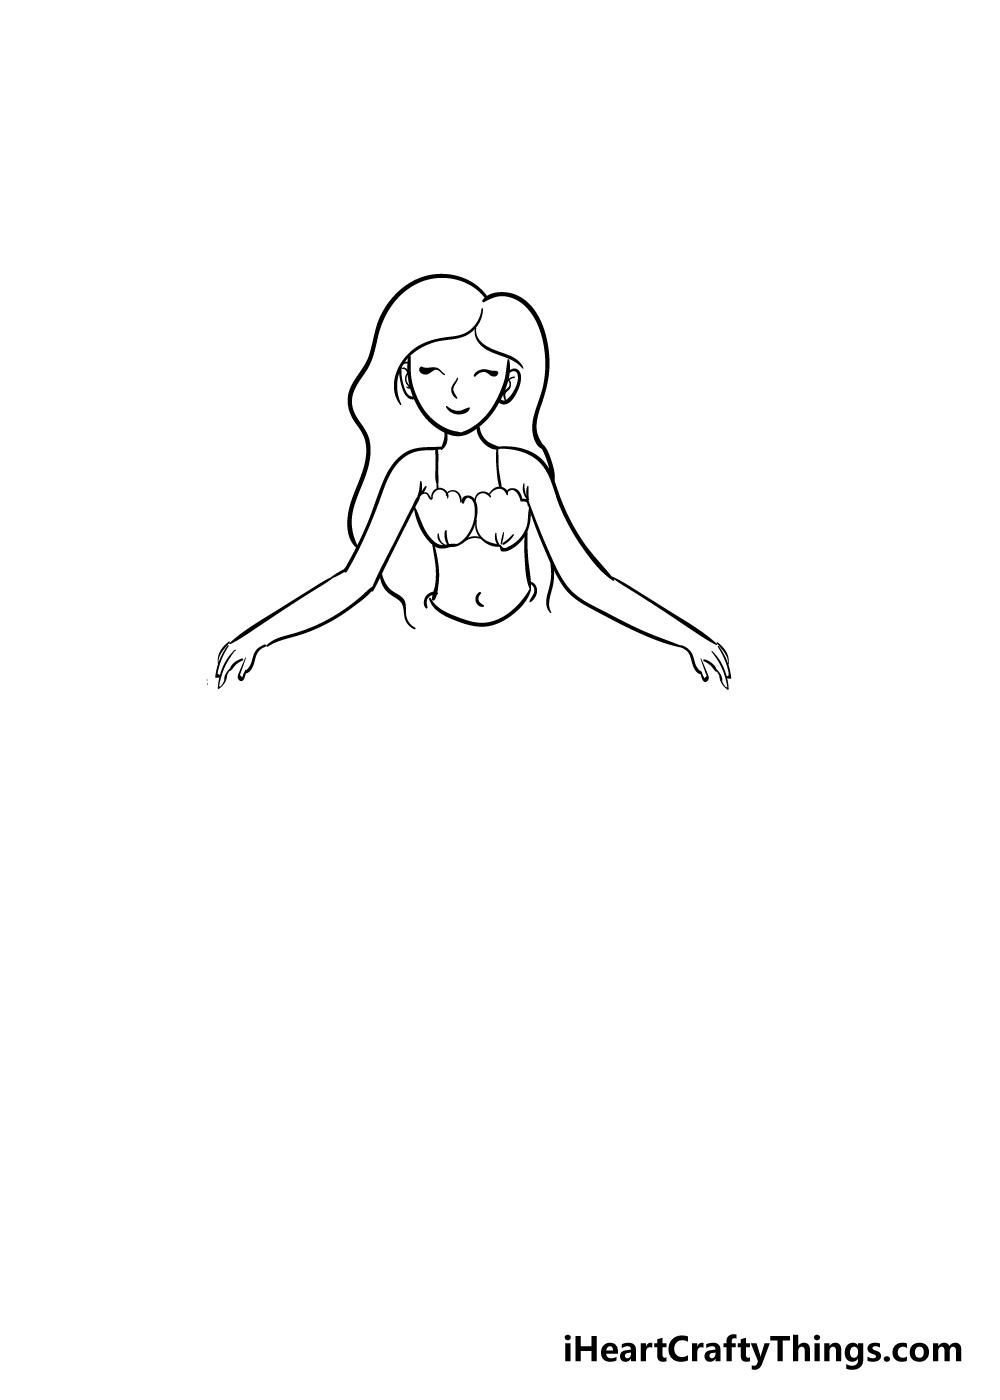 mermaid drawing step 5